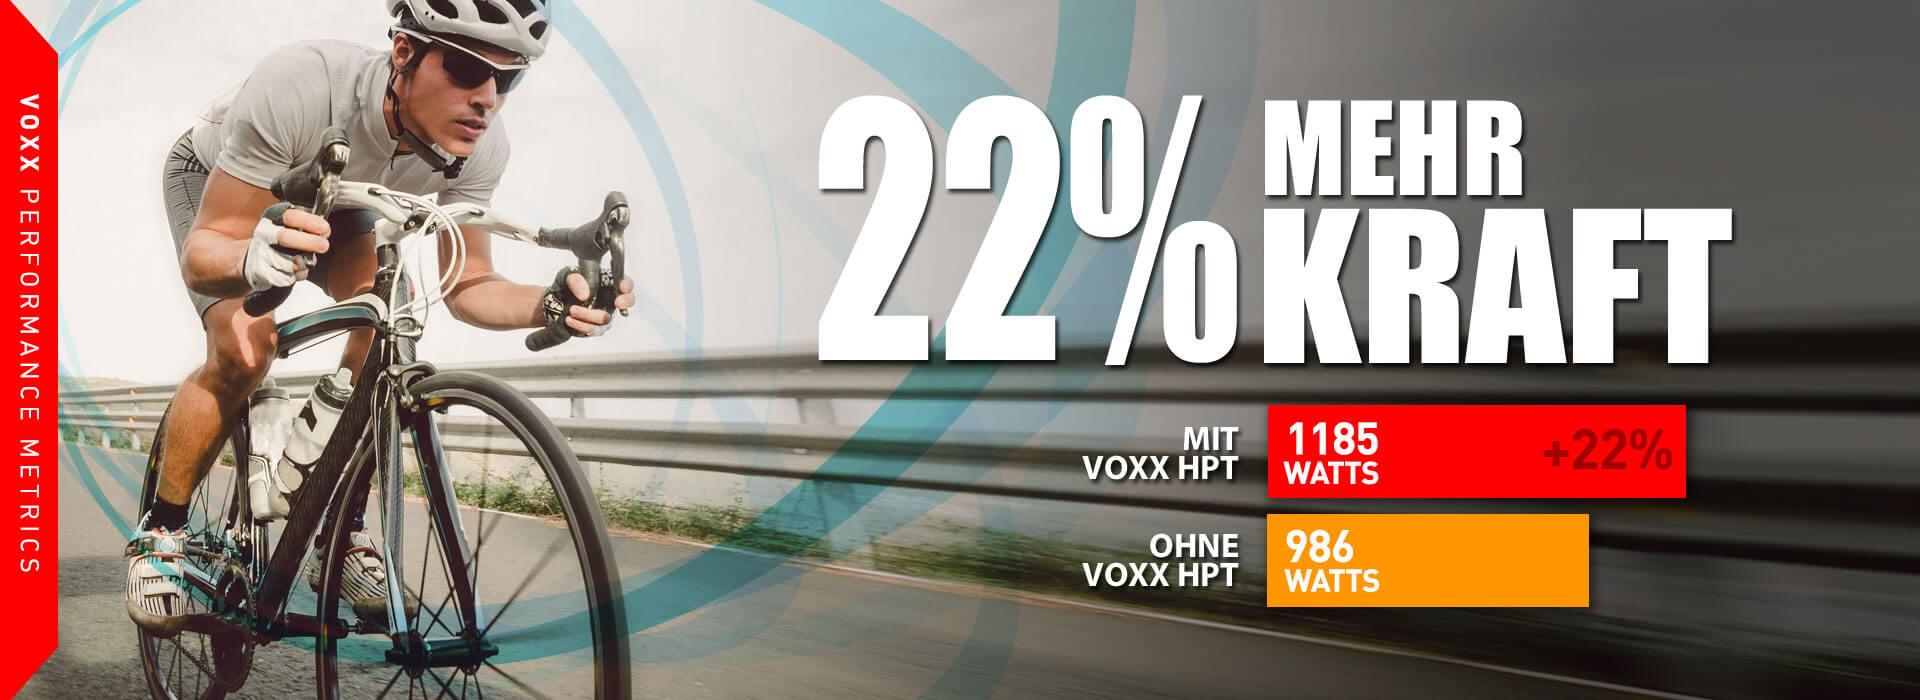 VOXX Wissenschaft 5